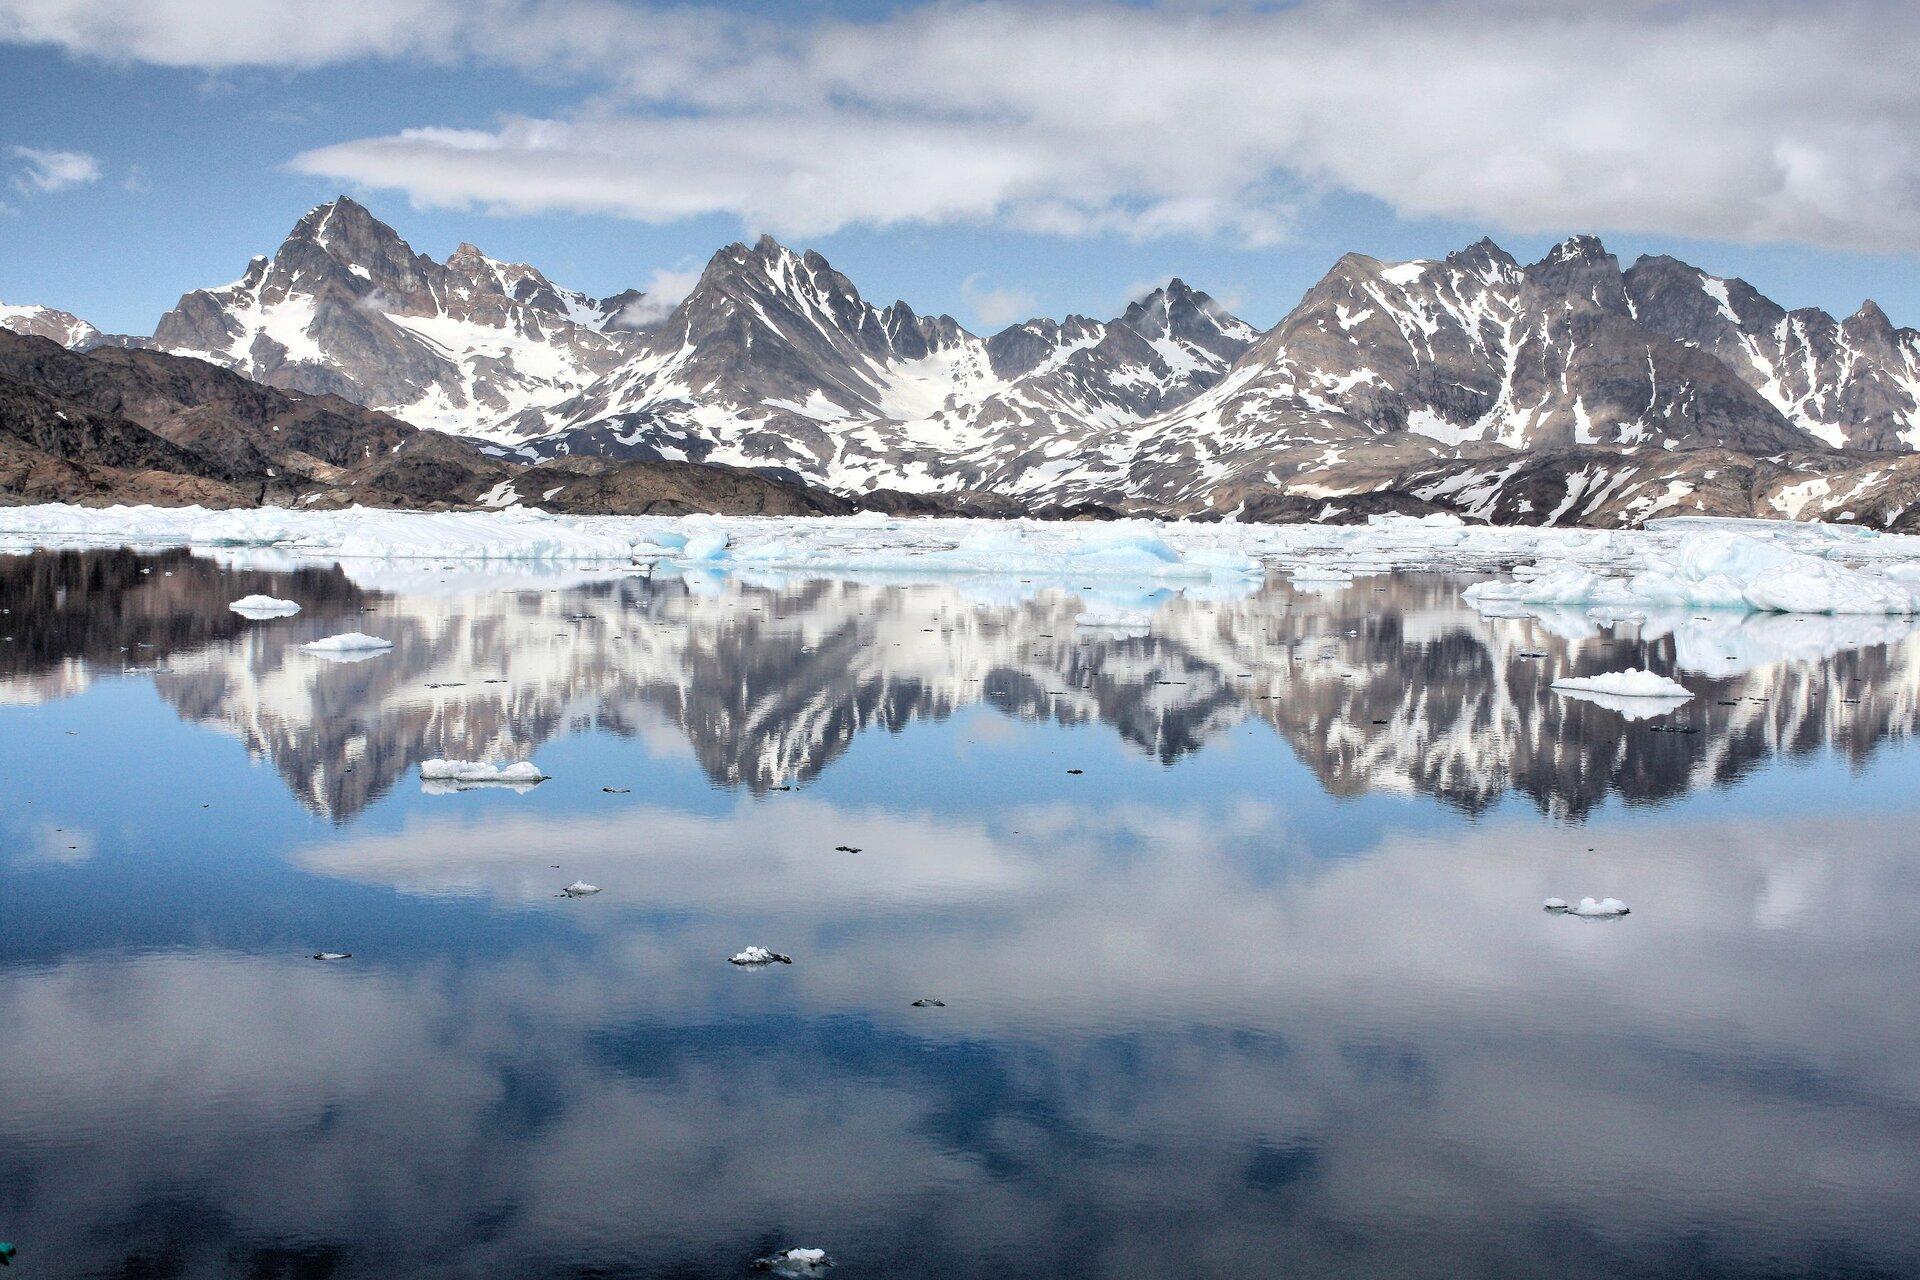 Zdjęcie szczytów górskich położonych nad wodą iodbicie tych gór wwodzie.